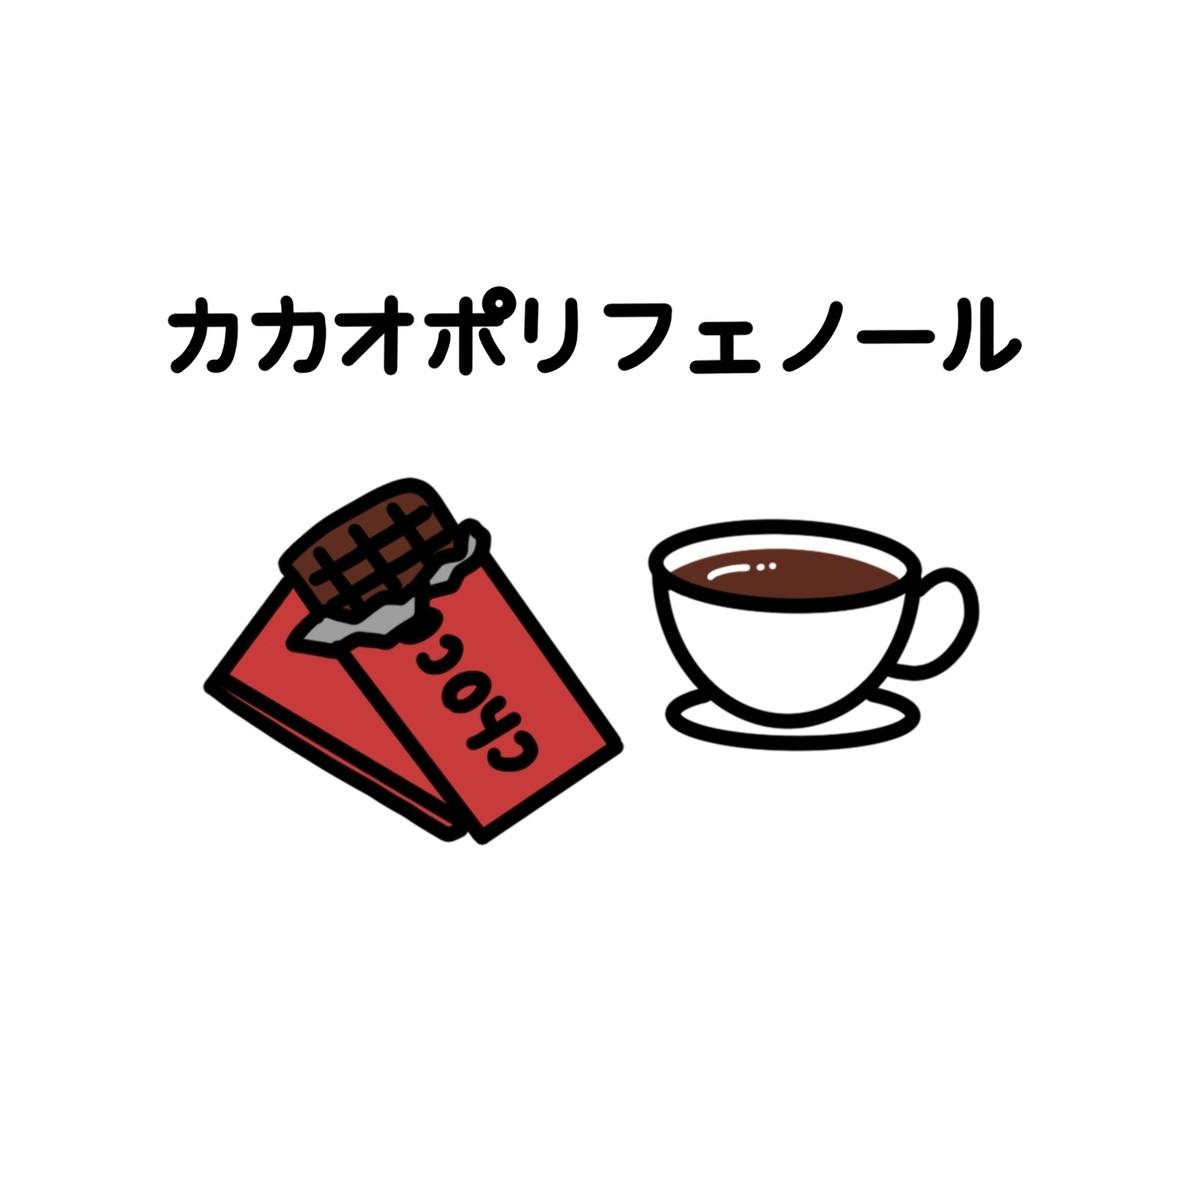 f:id:agura-huma:20200629104051j:plain